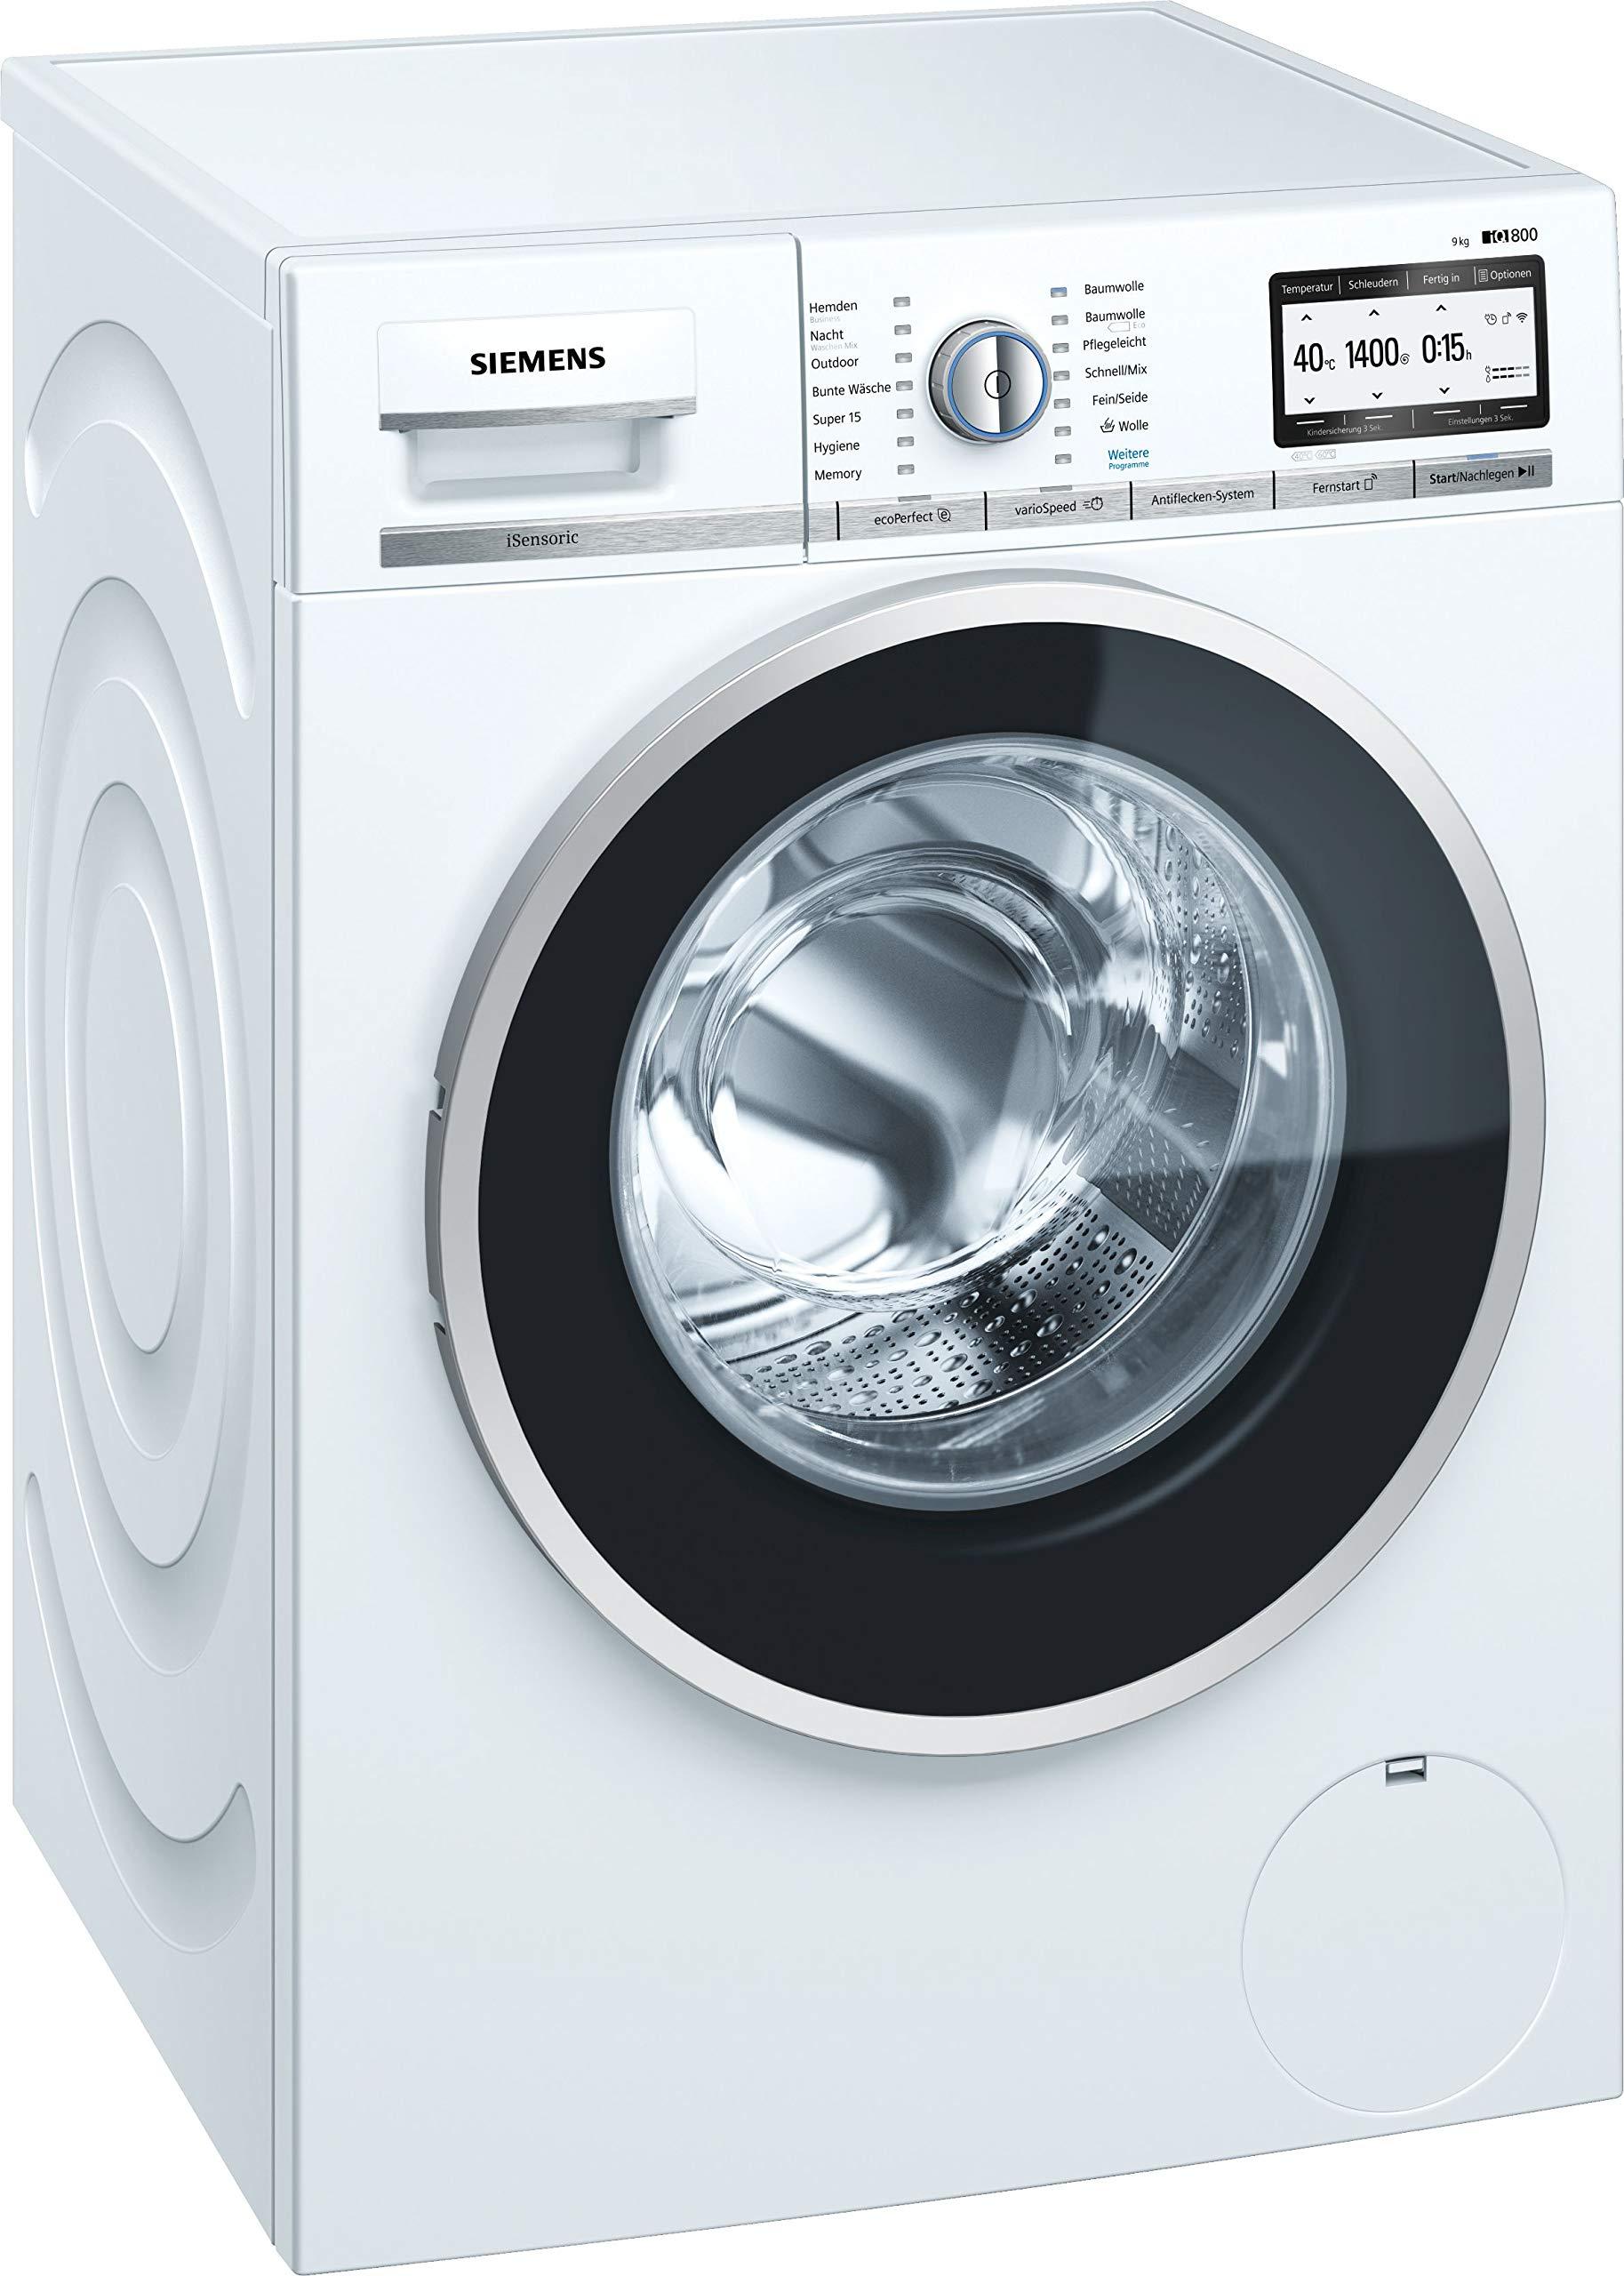 Siemens-iQ800-Waschmaschine-WM4YH749-900-kg-A-152-kWh-1400-Umin-WLAN-fhig-mit-Home-Connect-Automatische-Fleckenautomatik-Nachlegefunktion